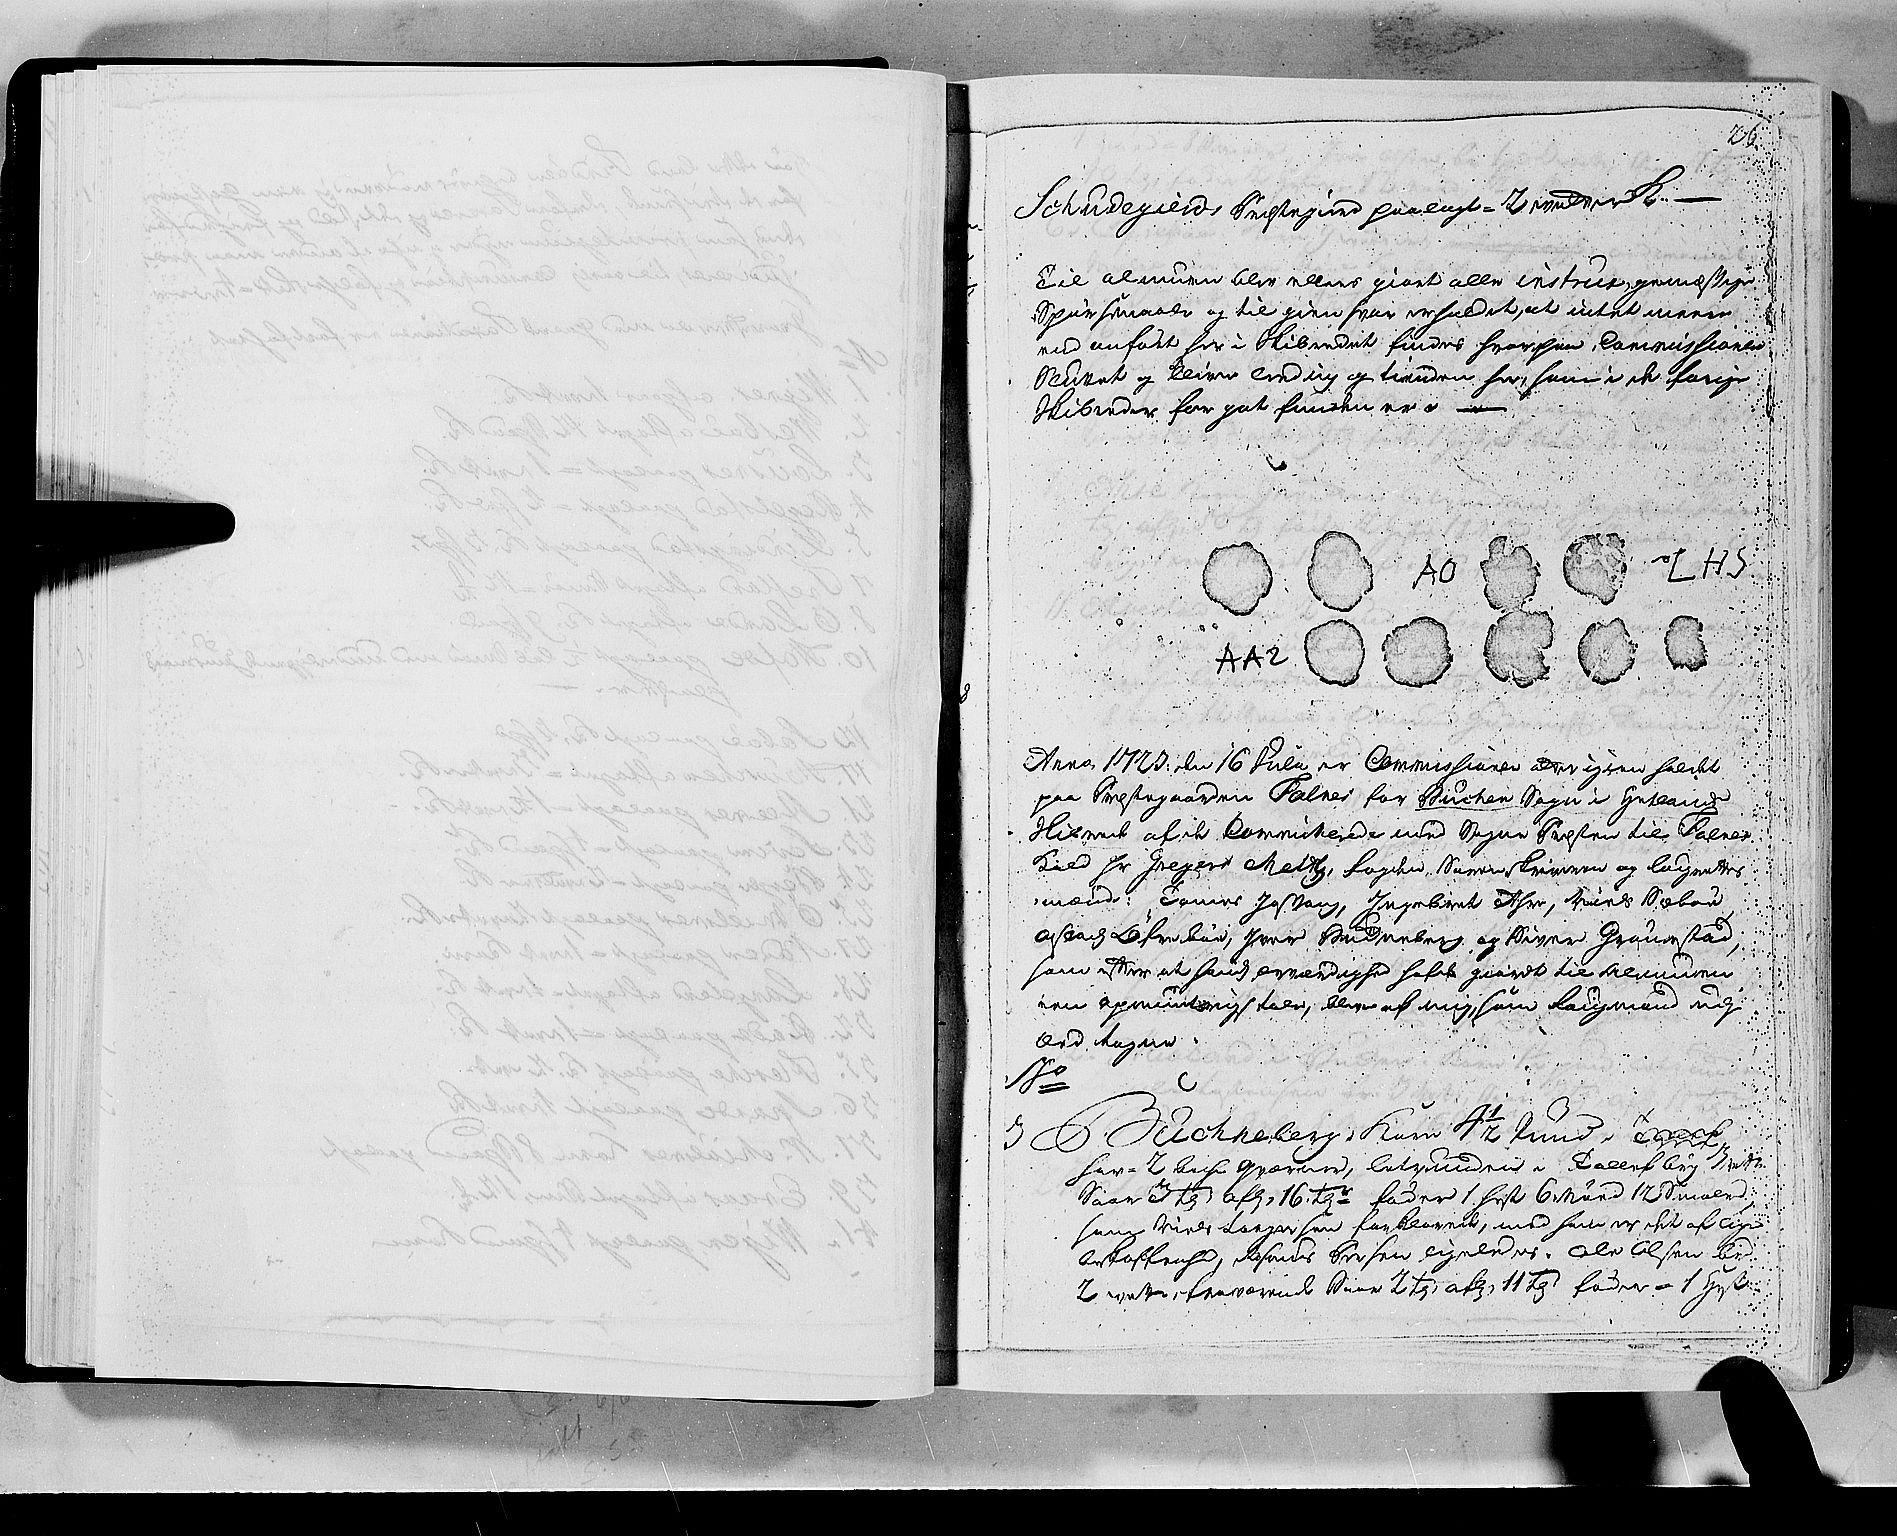 RA, Rentekammeret inntil 1814, Realistisk ordnet avdeling, N/Nb/Nbf/L0133a: Ryfylke eksaminasjonsprotokoll, 1723, s. 26a